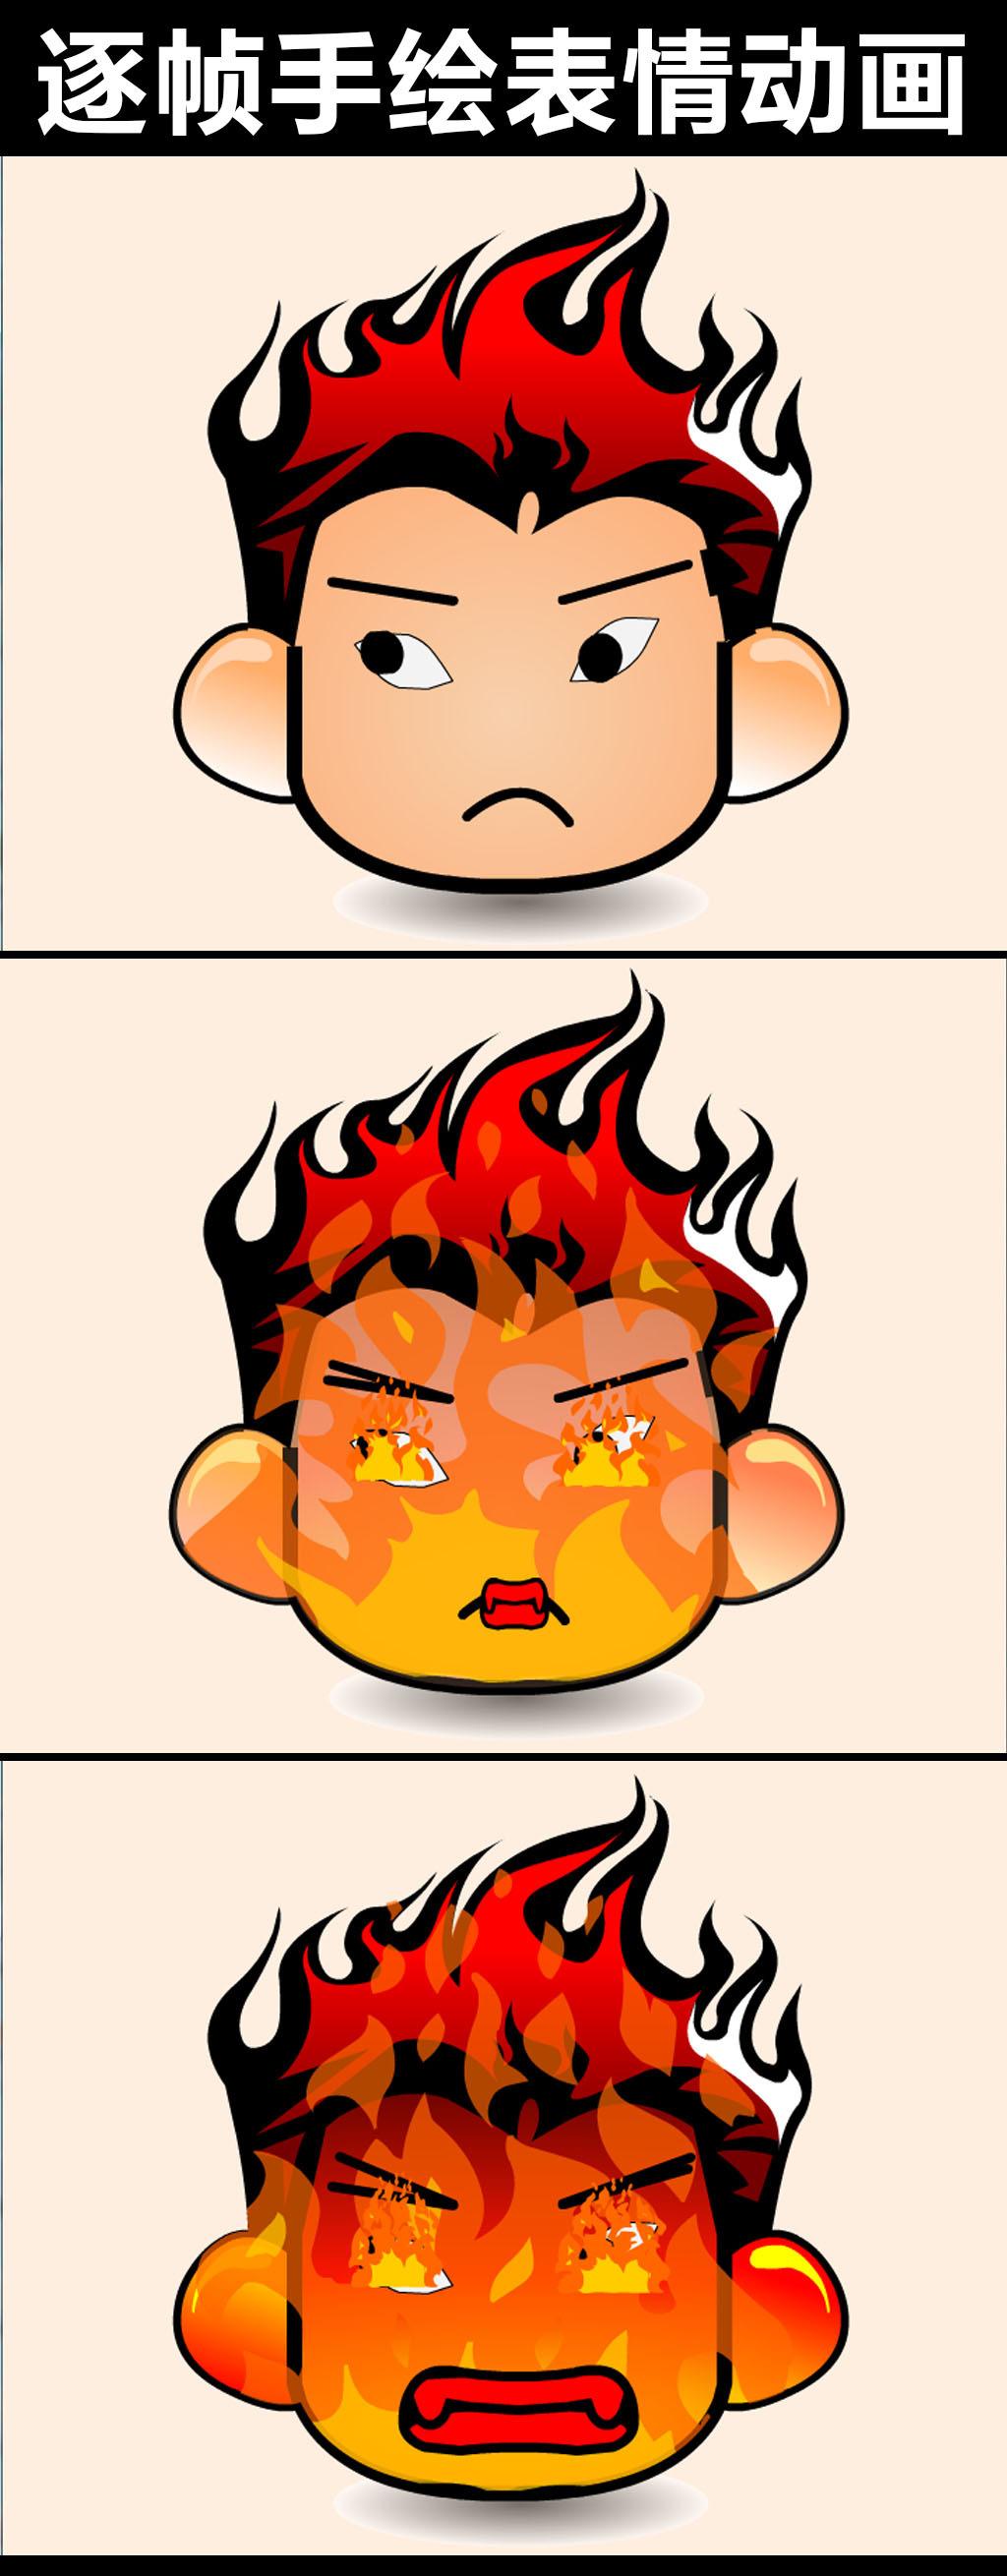 逐帧手绘卡通表情动画flash源文件图片